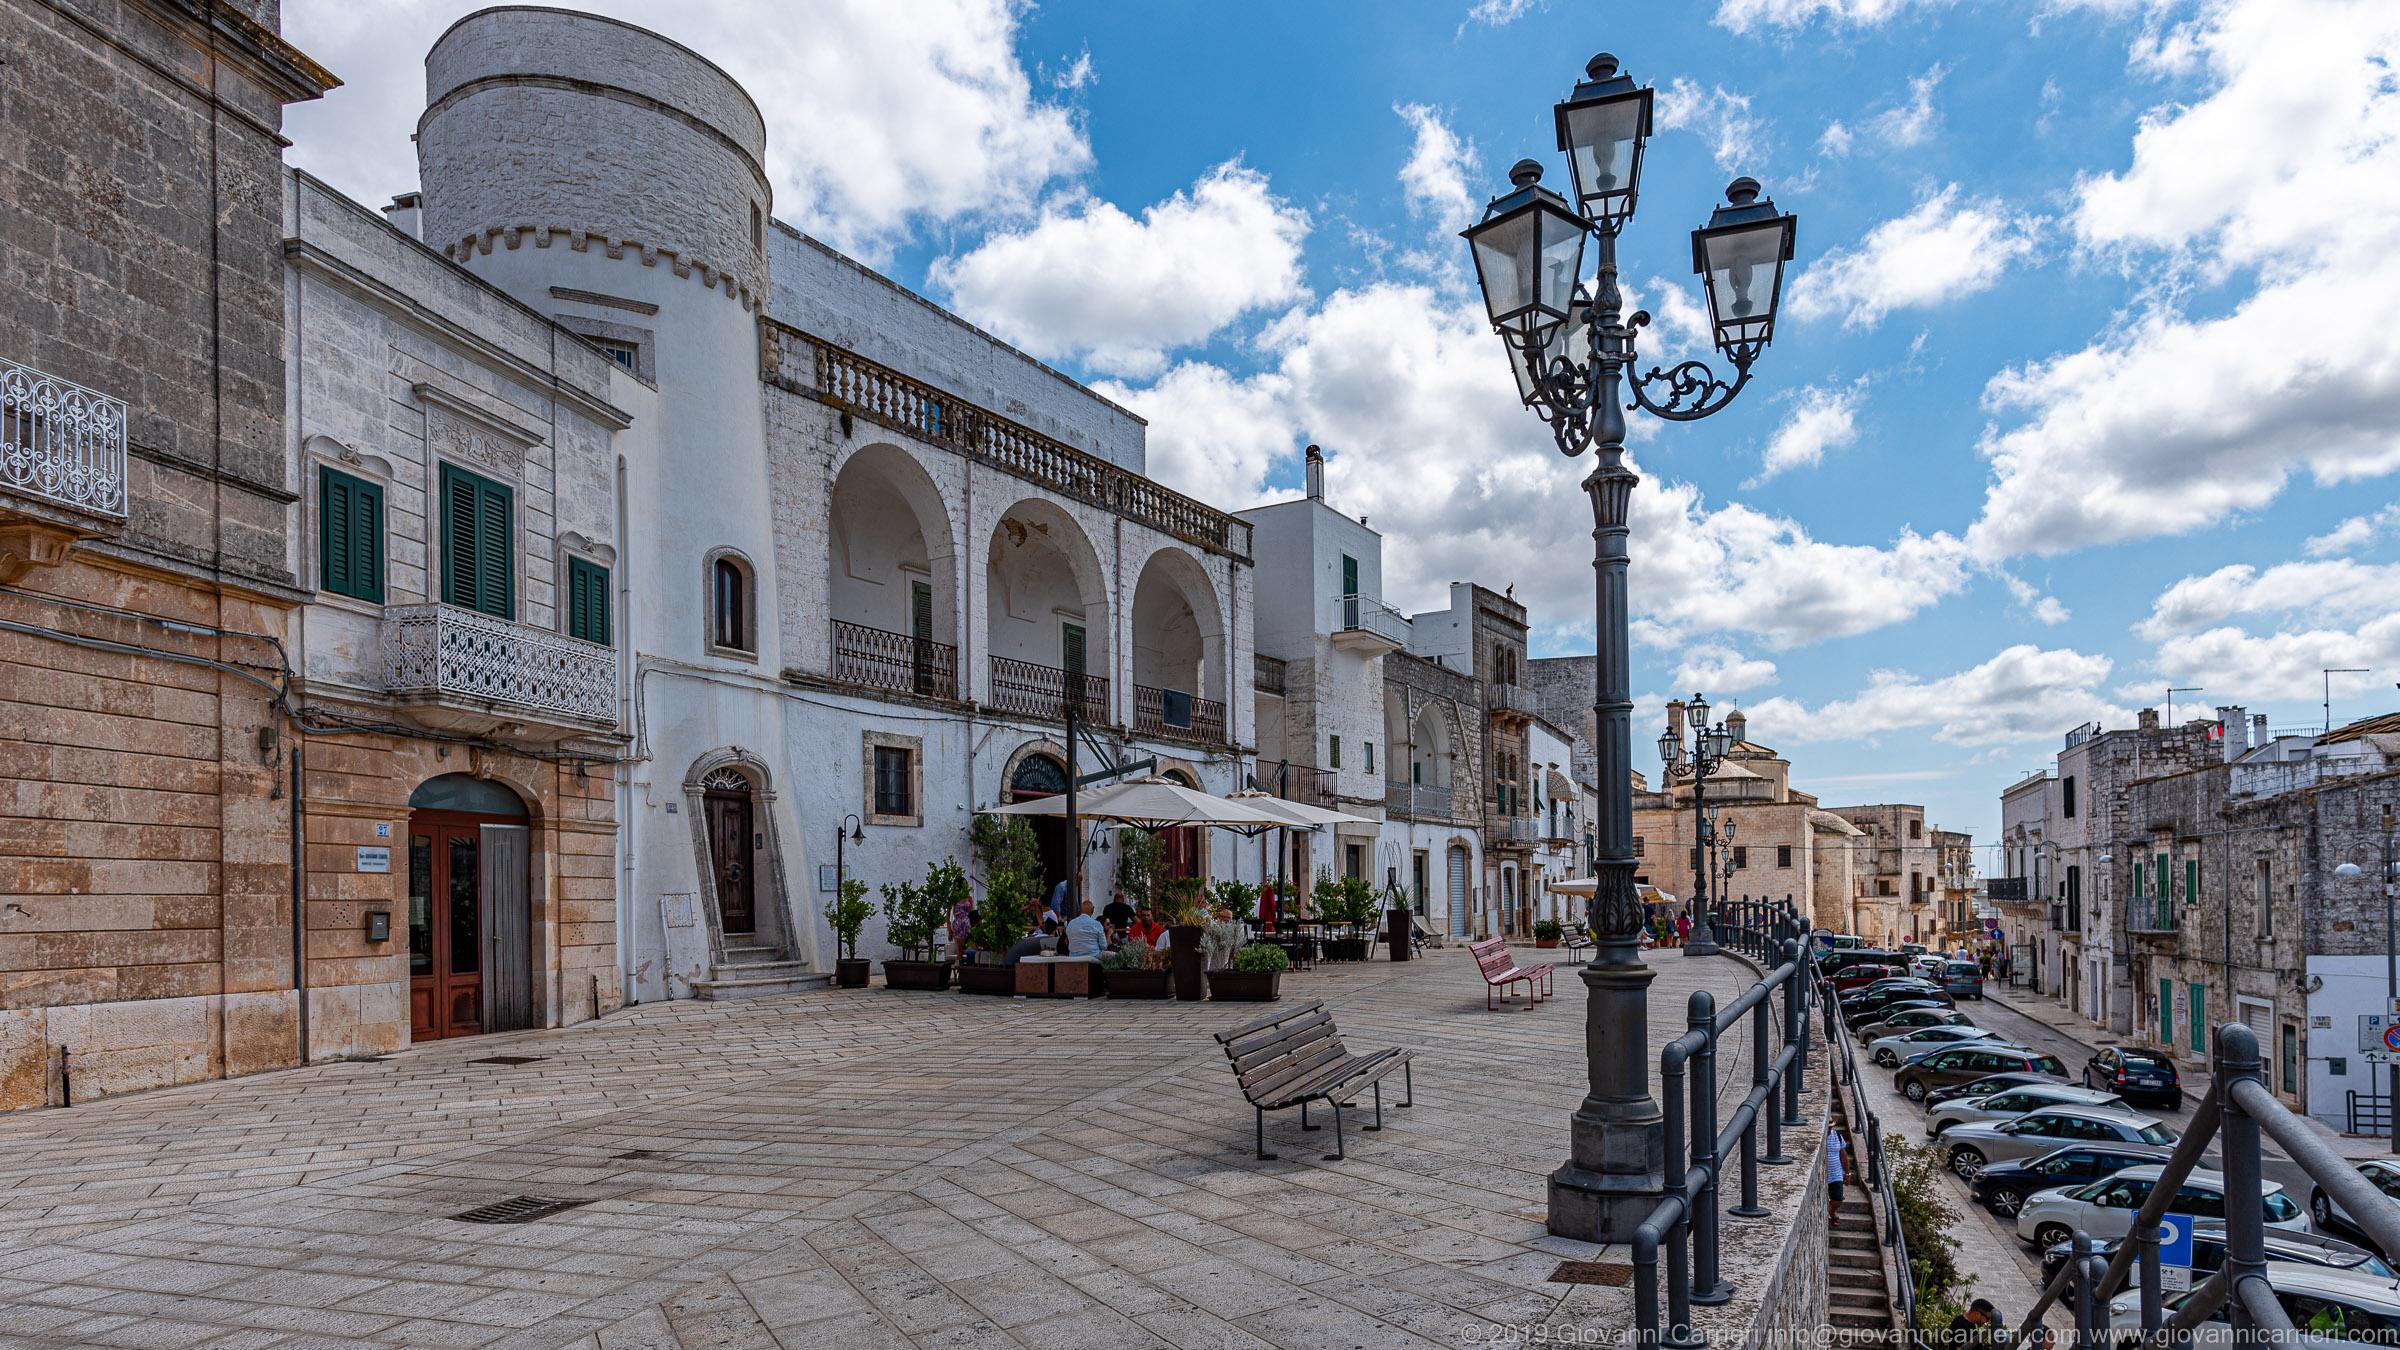 Via San Quirico